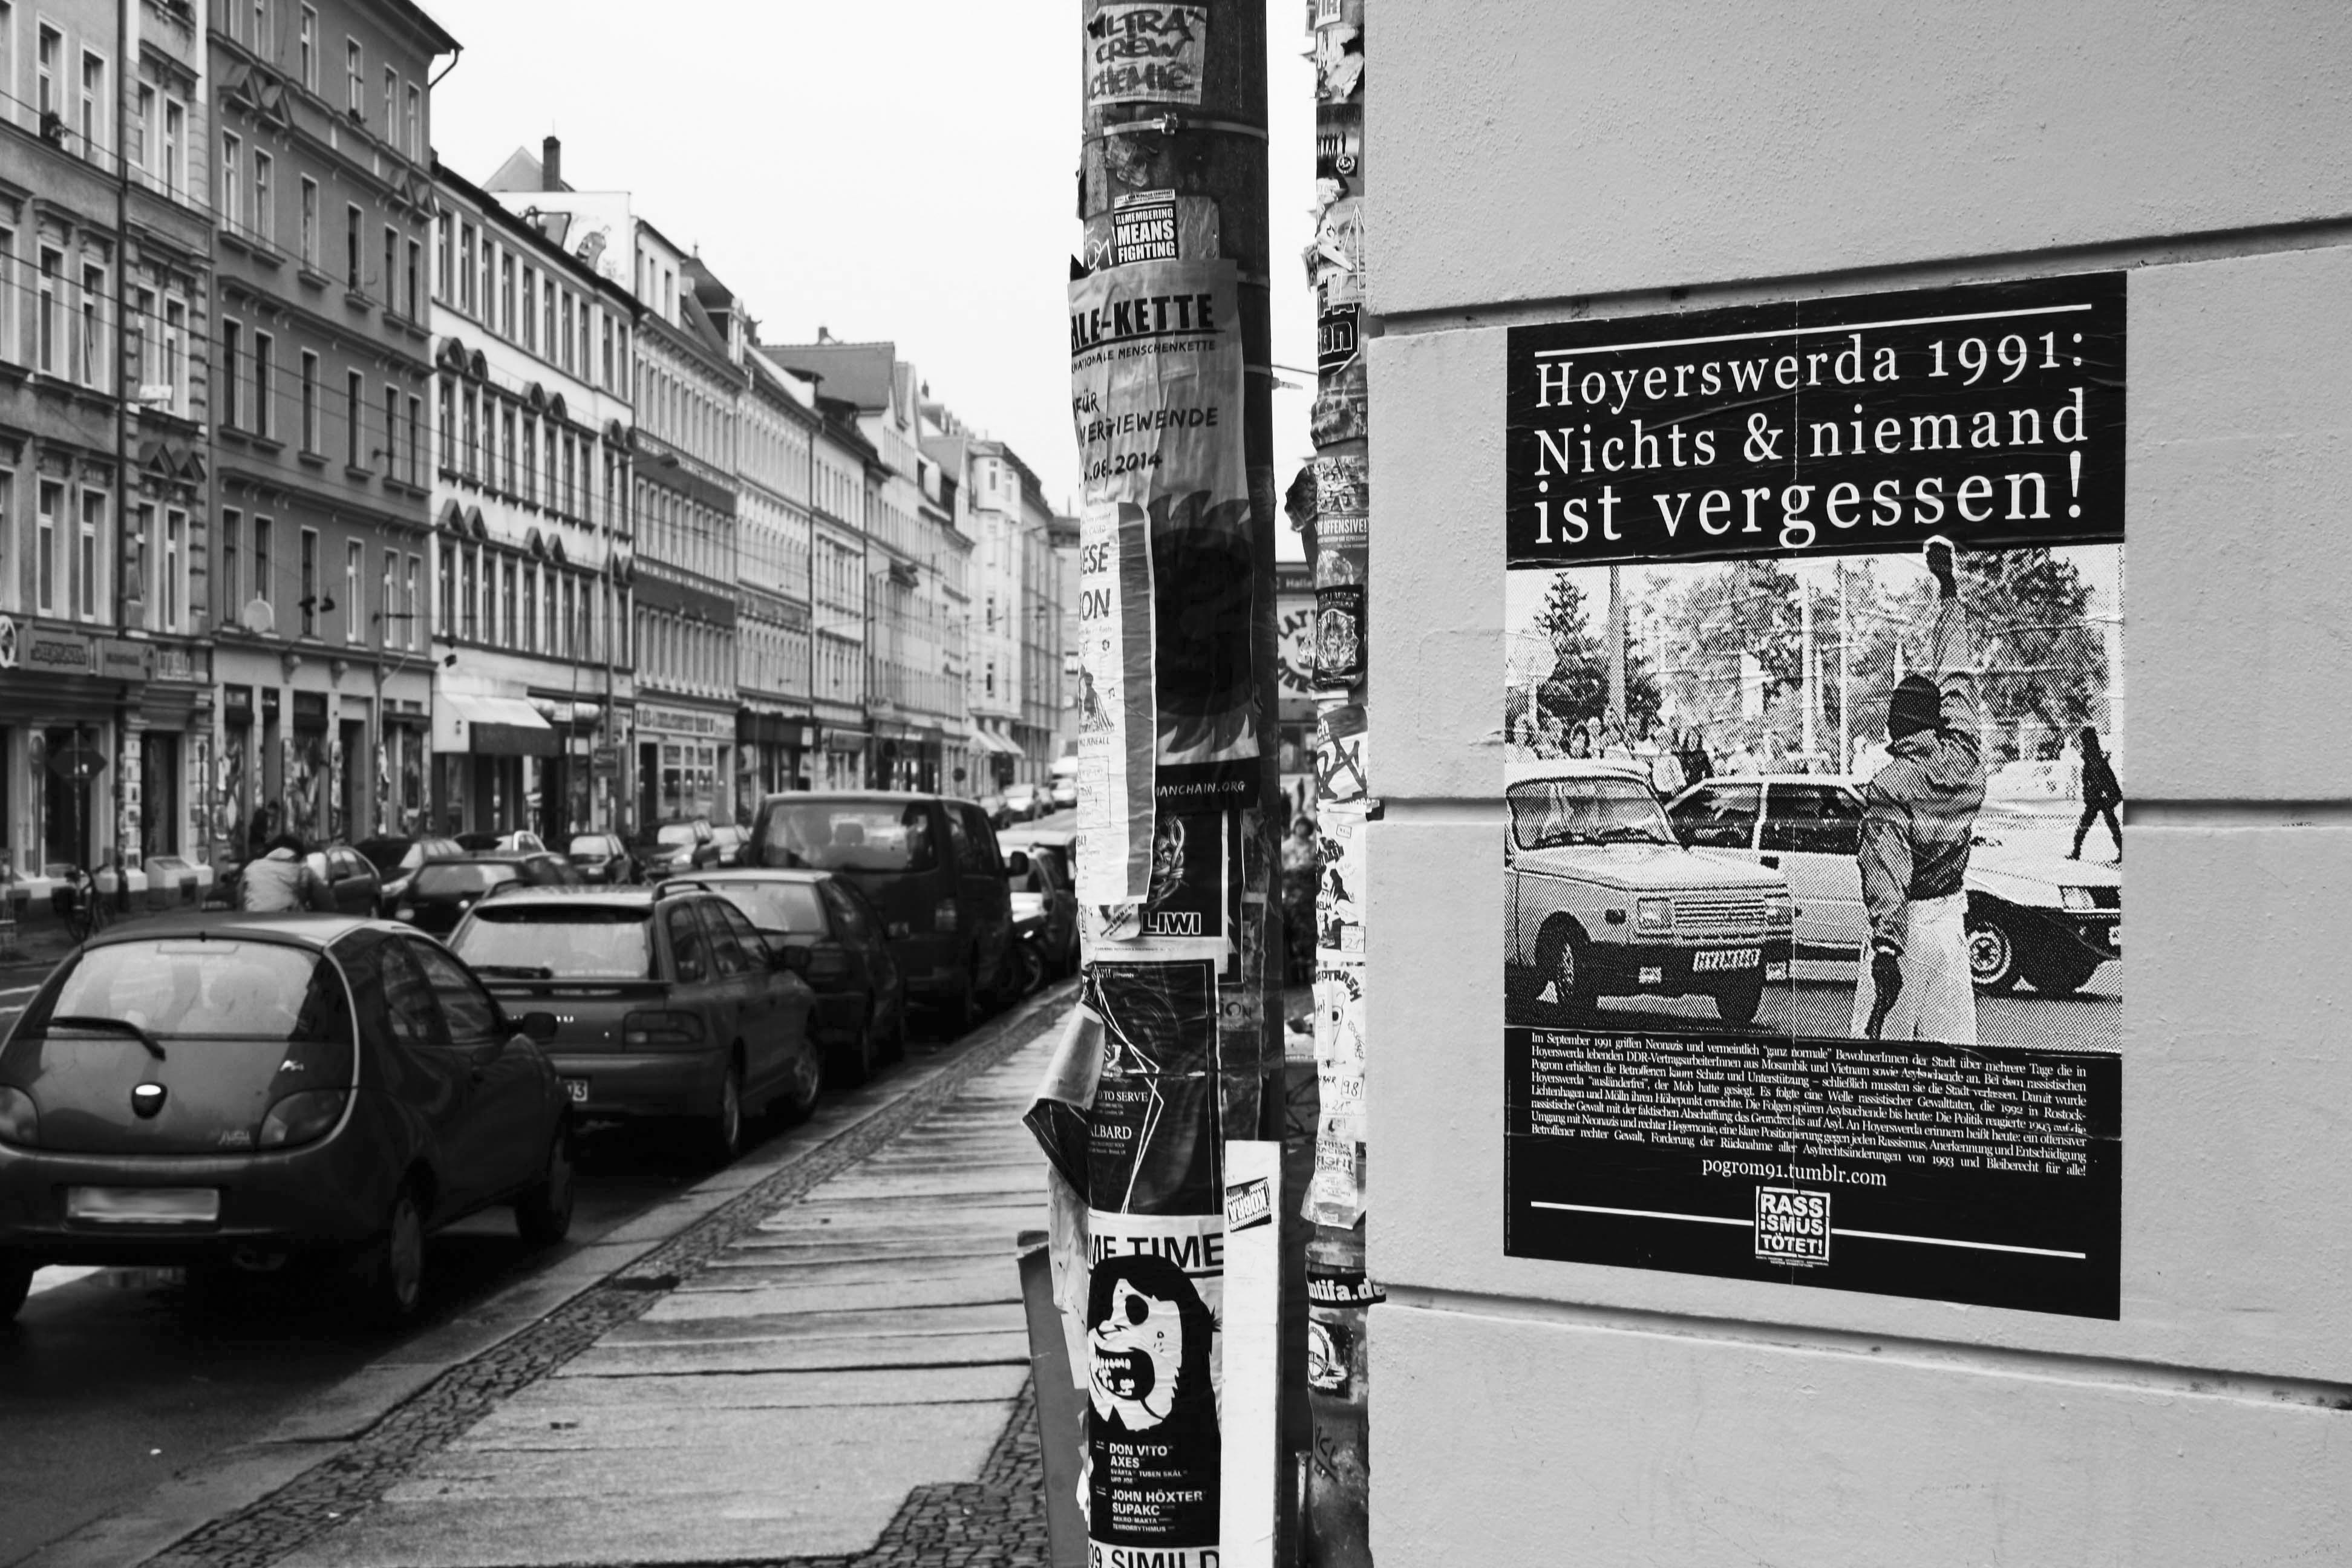 »Hoyerswerda als Vorbild« - Erinnerung an den Brandanschlag von Hünxe im Oktober 1991